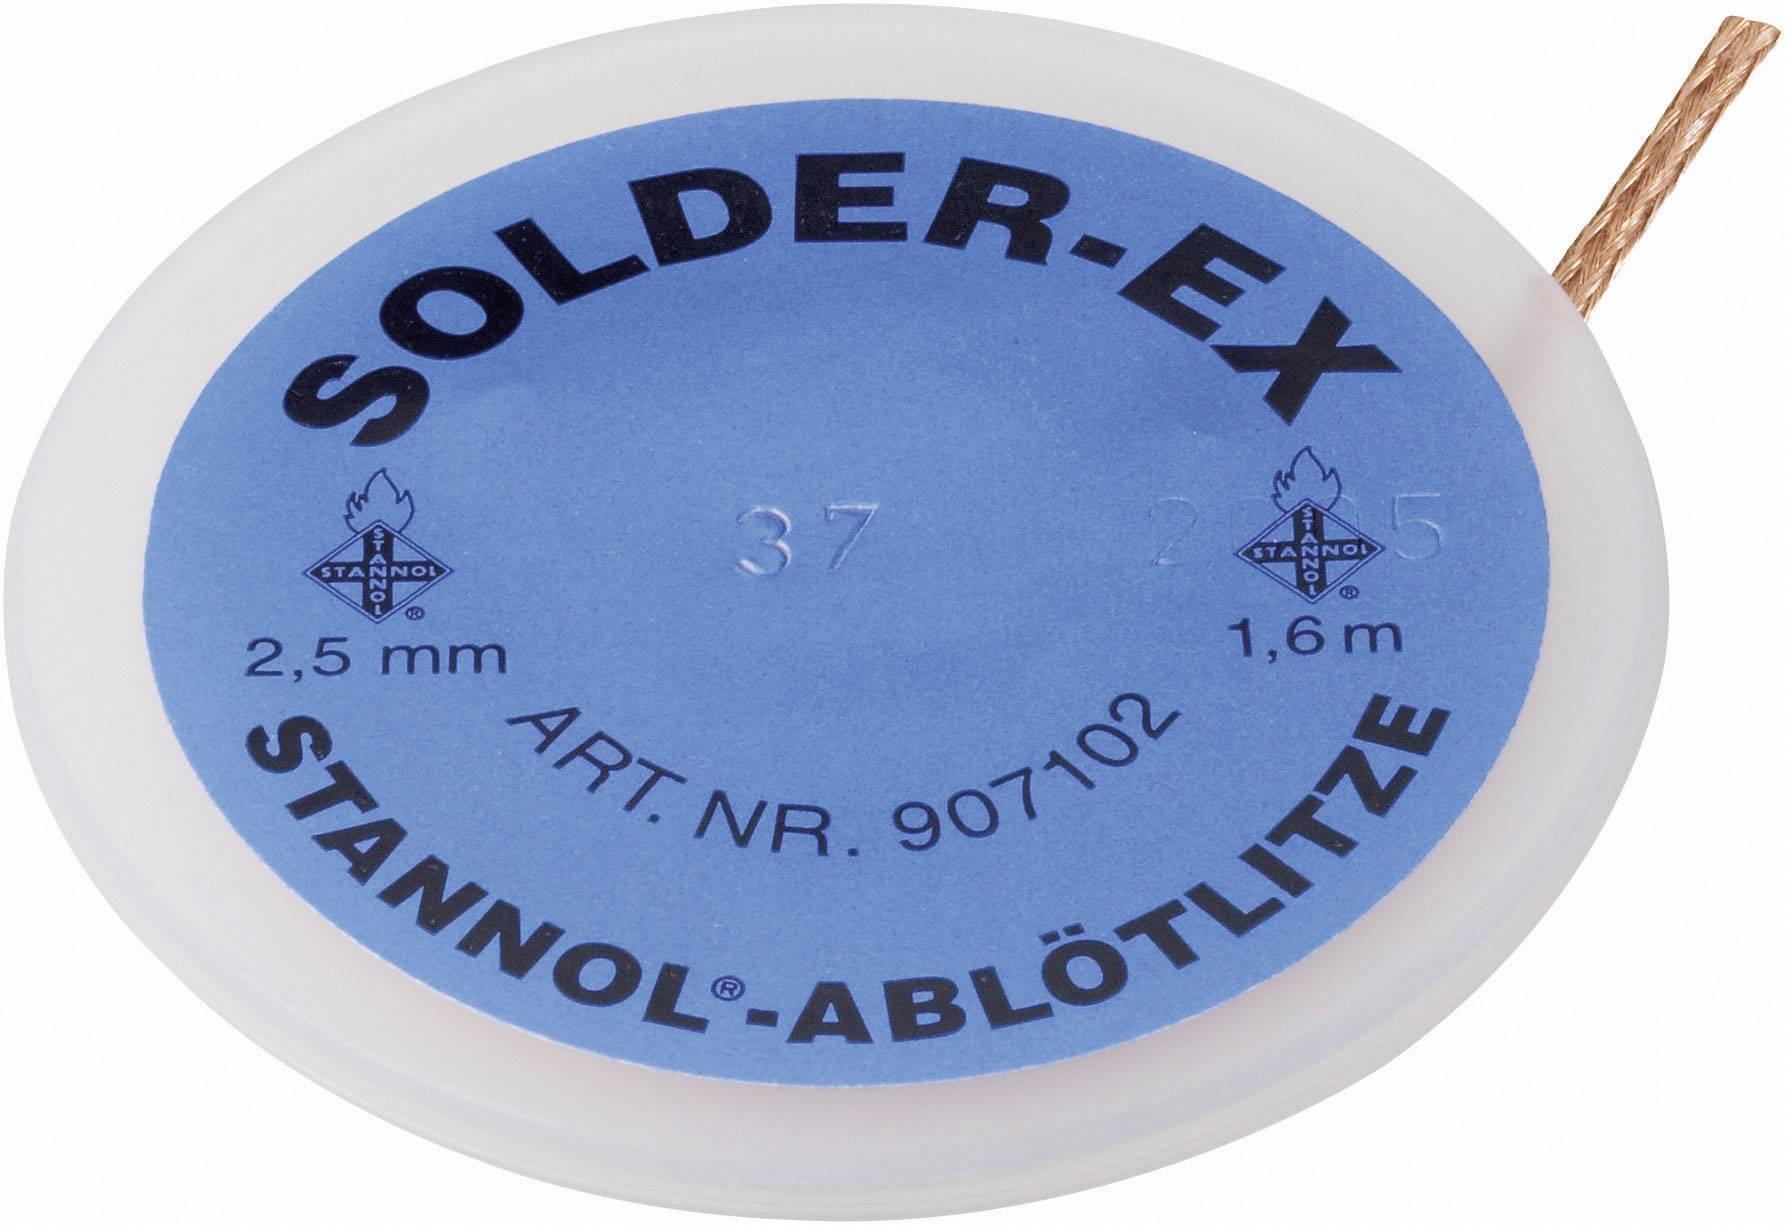 Odspájkovacie lanko Stannol Solder, dĺžka 1.6 m, šírka 2.5 mm